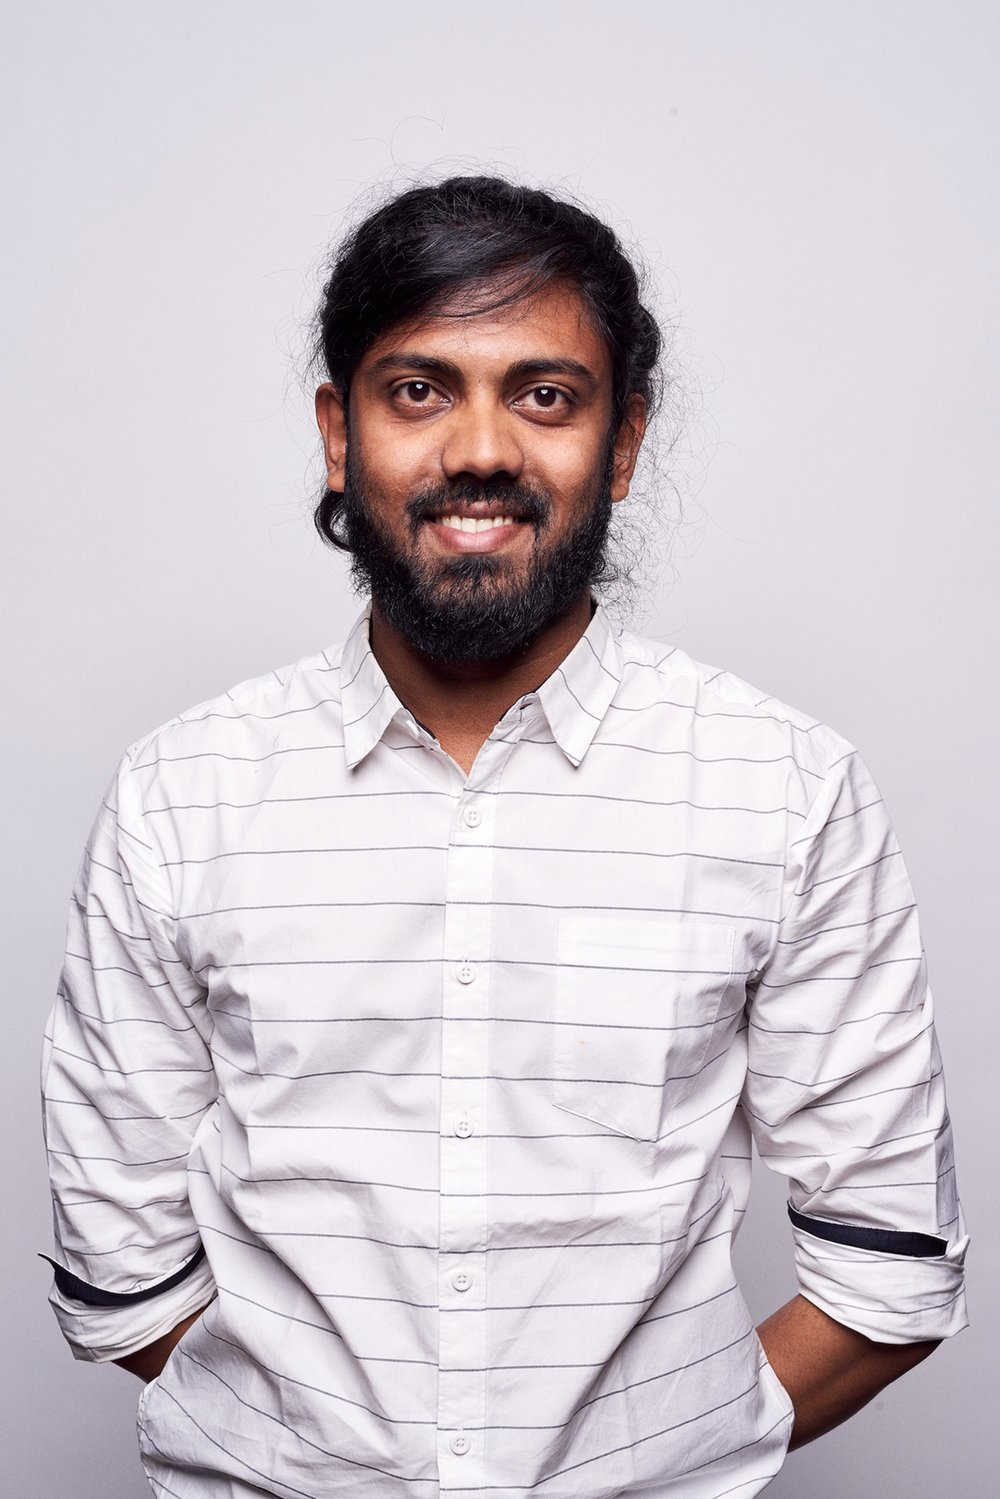 <strong>Arvind Sanjeev</strong><br> Design Technologist<br> arvind@above.se